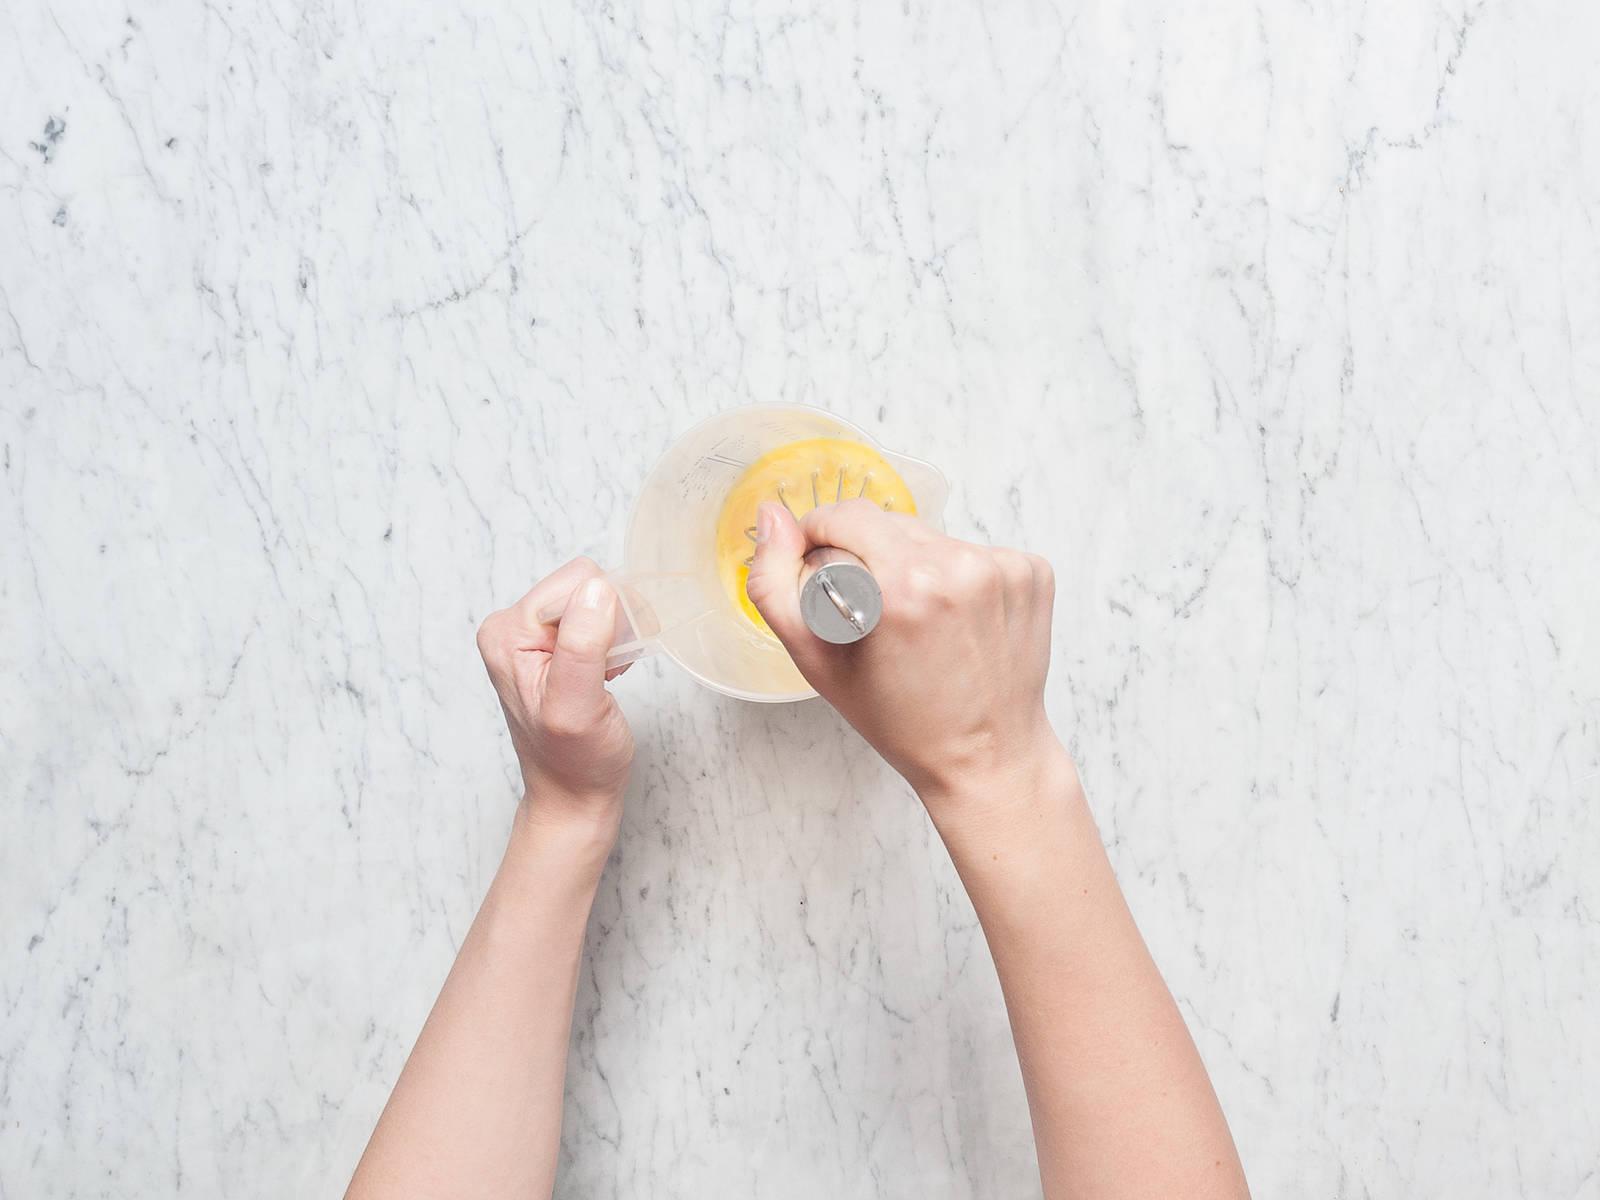 Backofen auf 180°C vorheizen. Speck in kleine Würfel schneiden. Zwiebel schälen und fein würfeln. Frühlingszwiebeln in feine Ringe schneiden. Knoblauch schälen und hacken. Spinat grob hacken. Eier mit Milch in einem Messbecher oder einer Rührschüssel aufschlagen, großzügig salzen und pfeffern. Beiseitestellen.